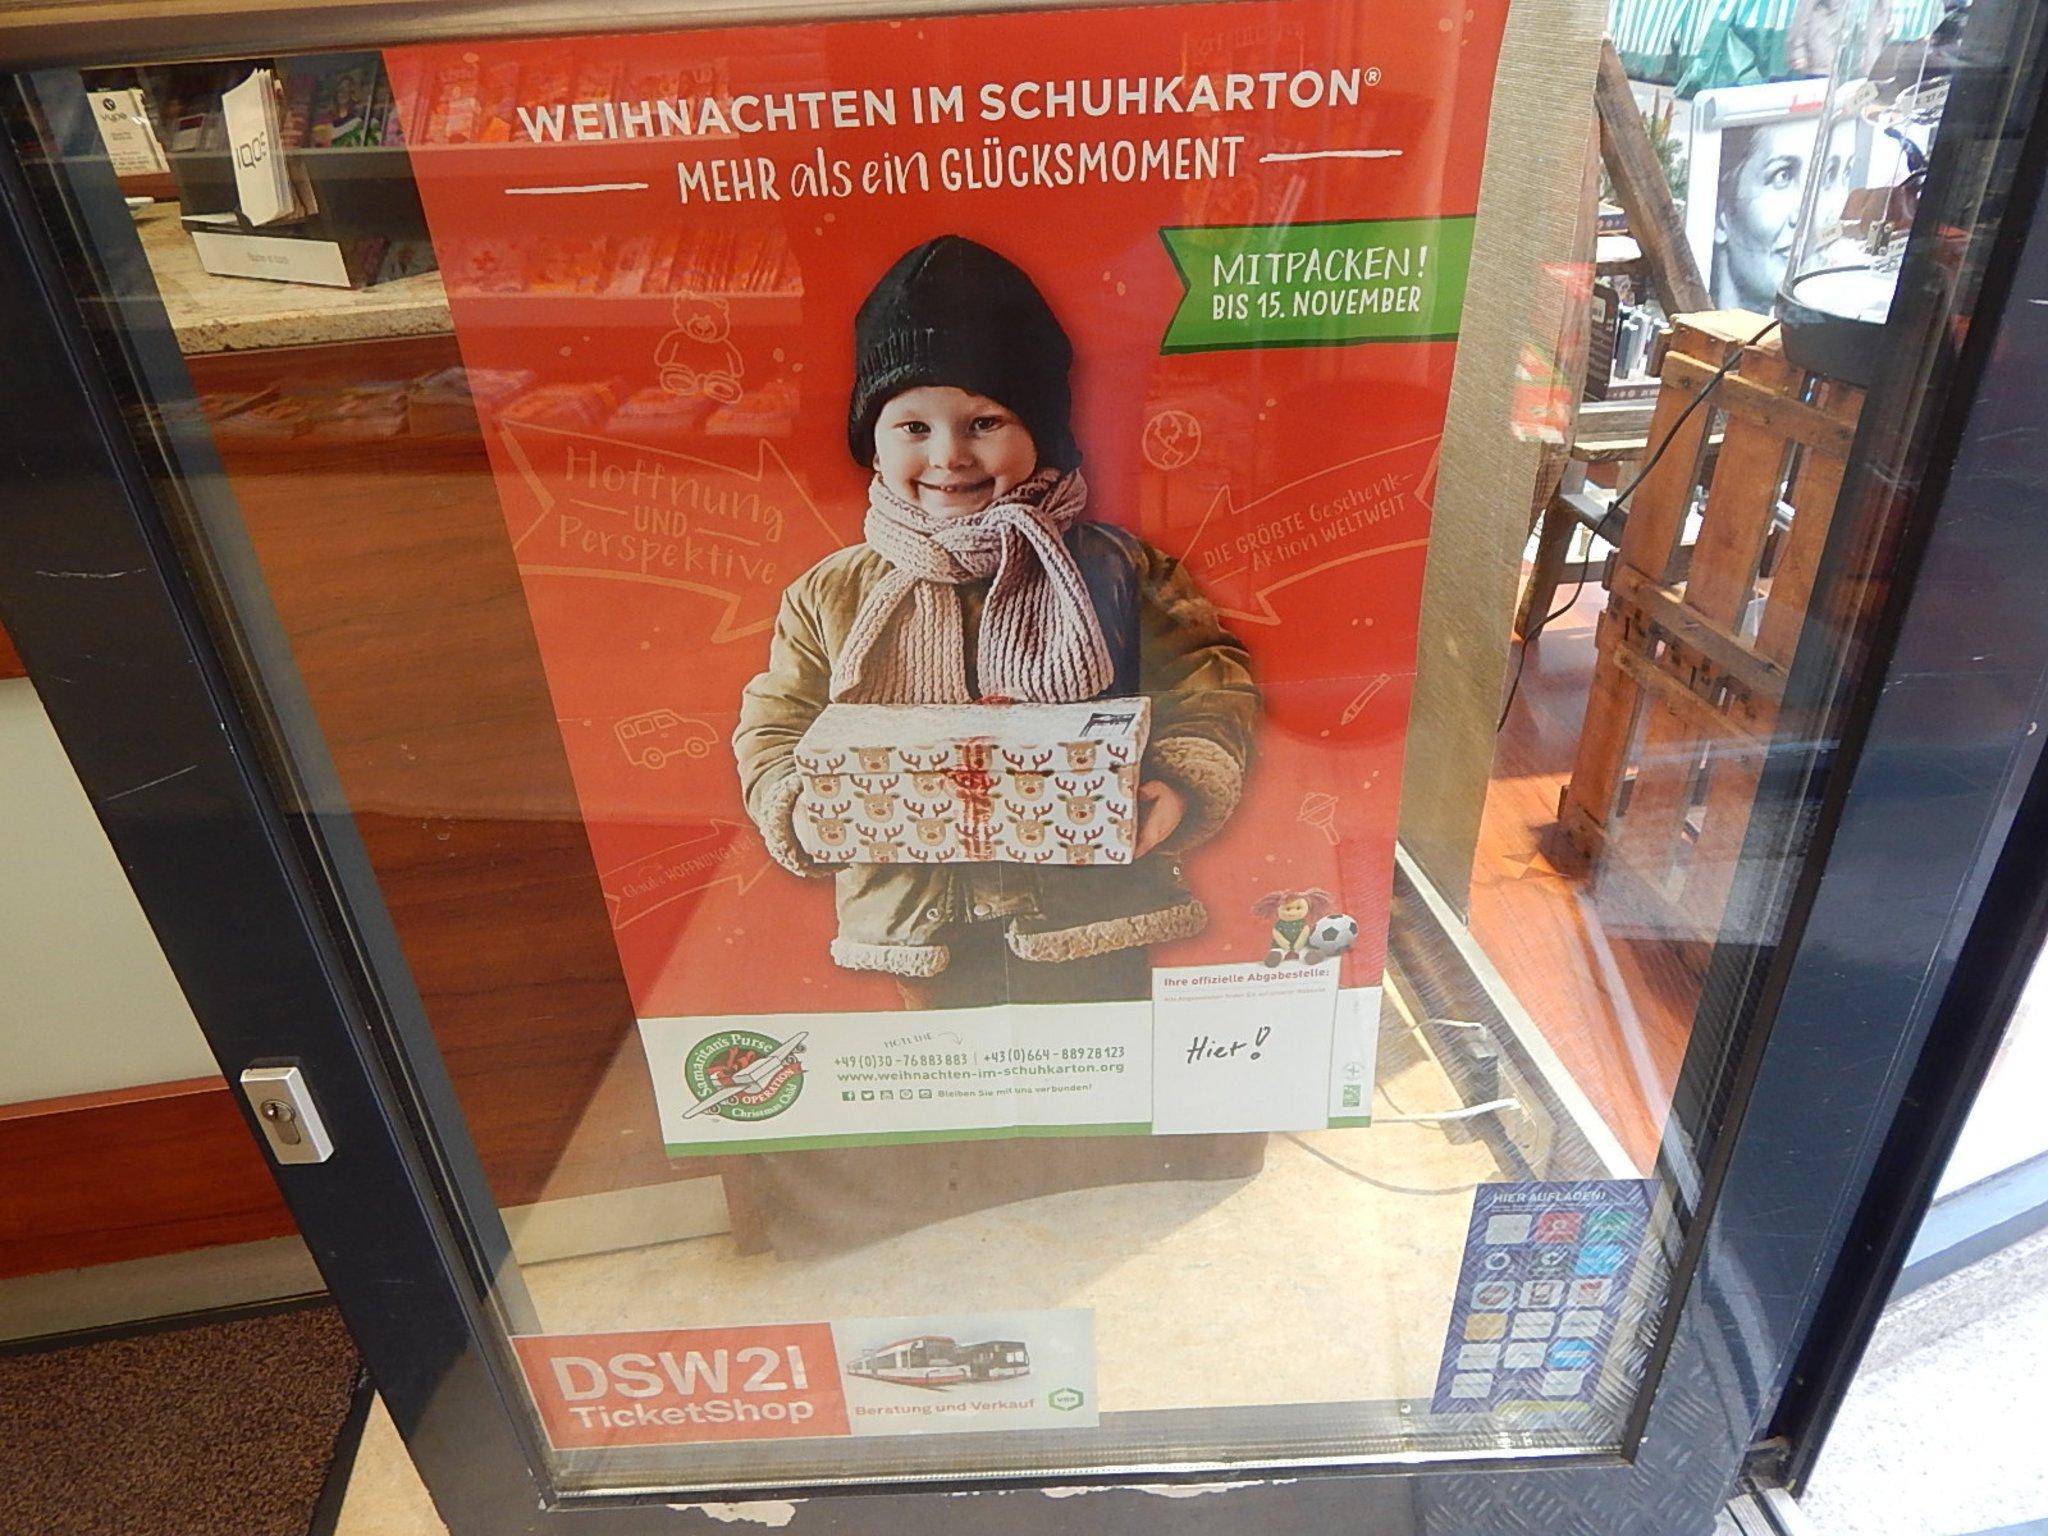 Weihnachten Im Schuhkarton Org.Weihnachten Im Schuhkarton Geschenke Der Hoffnung Dortmund Süd